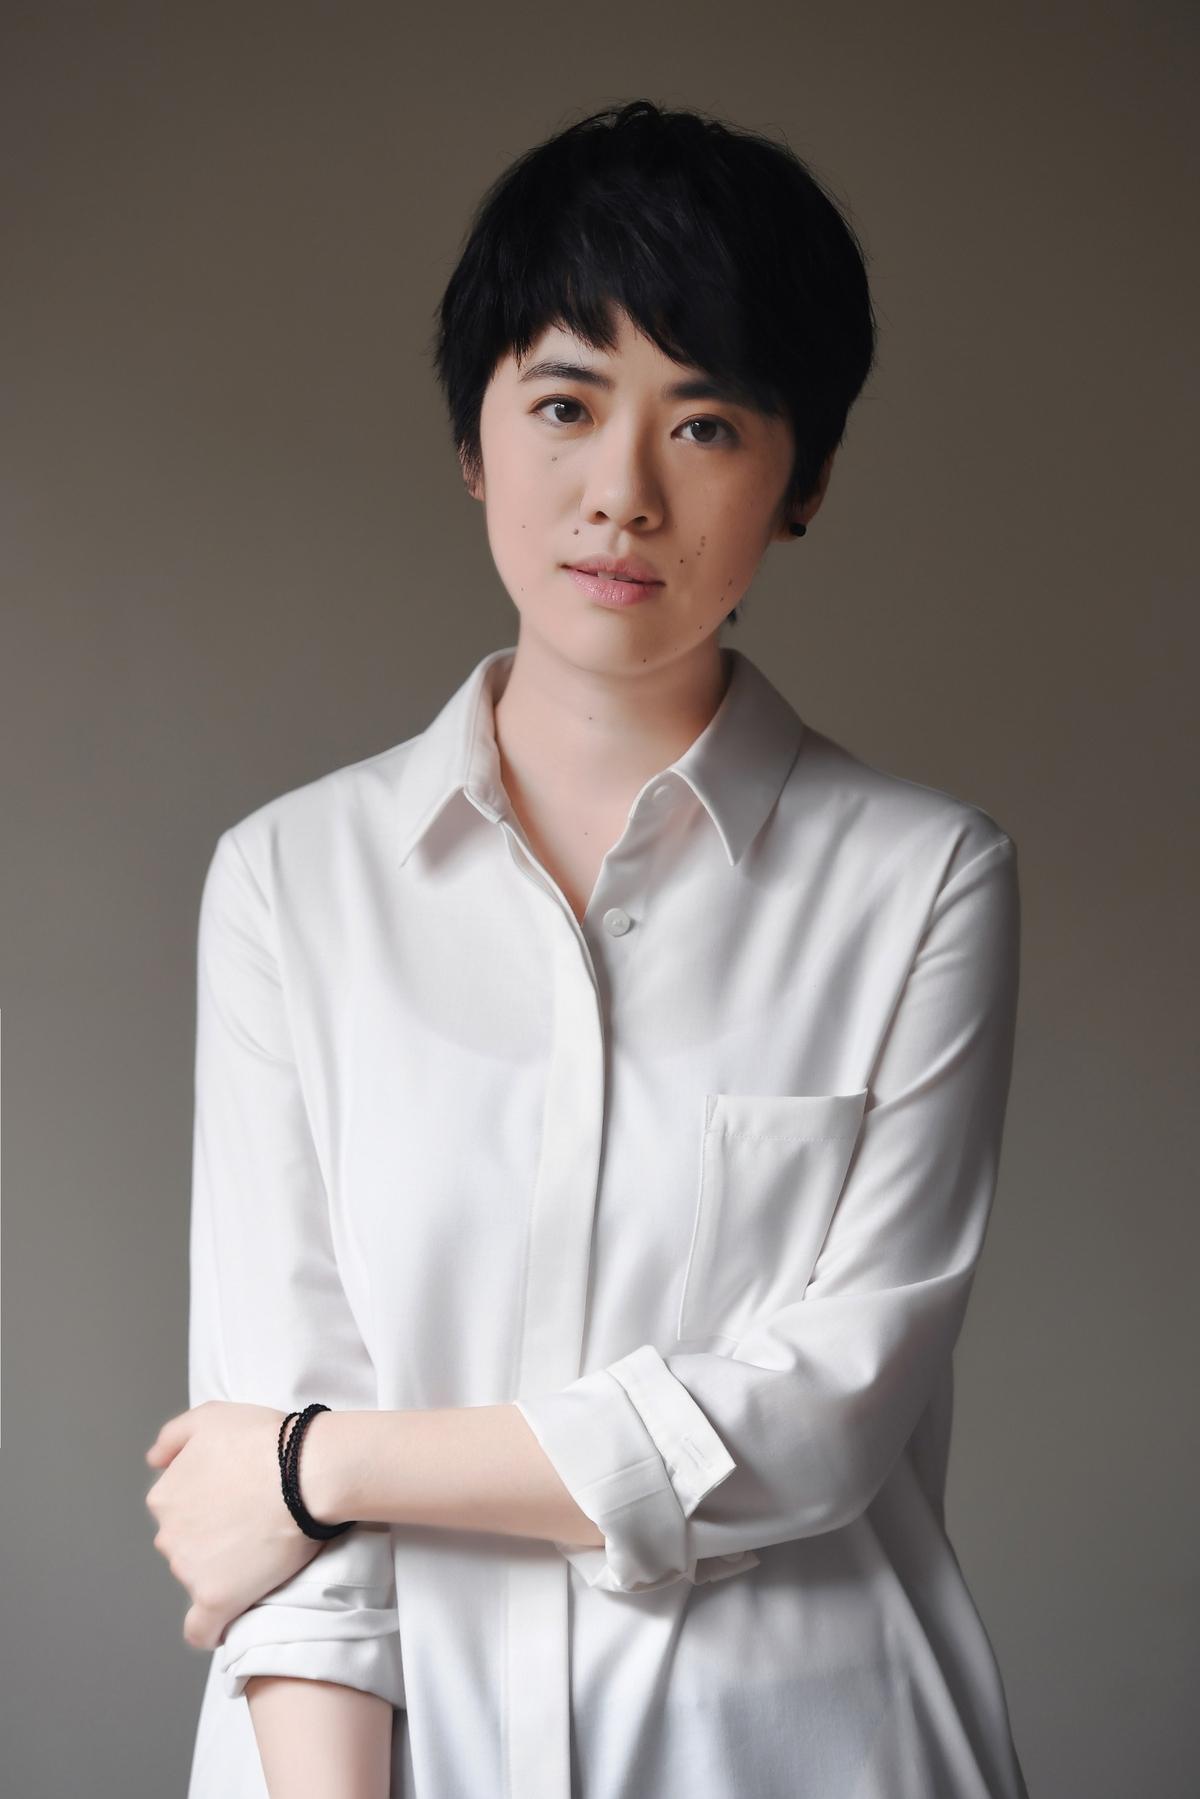 金曲30/岑寧兒角逐歌后  9/21開唱雙喜臨門